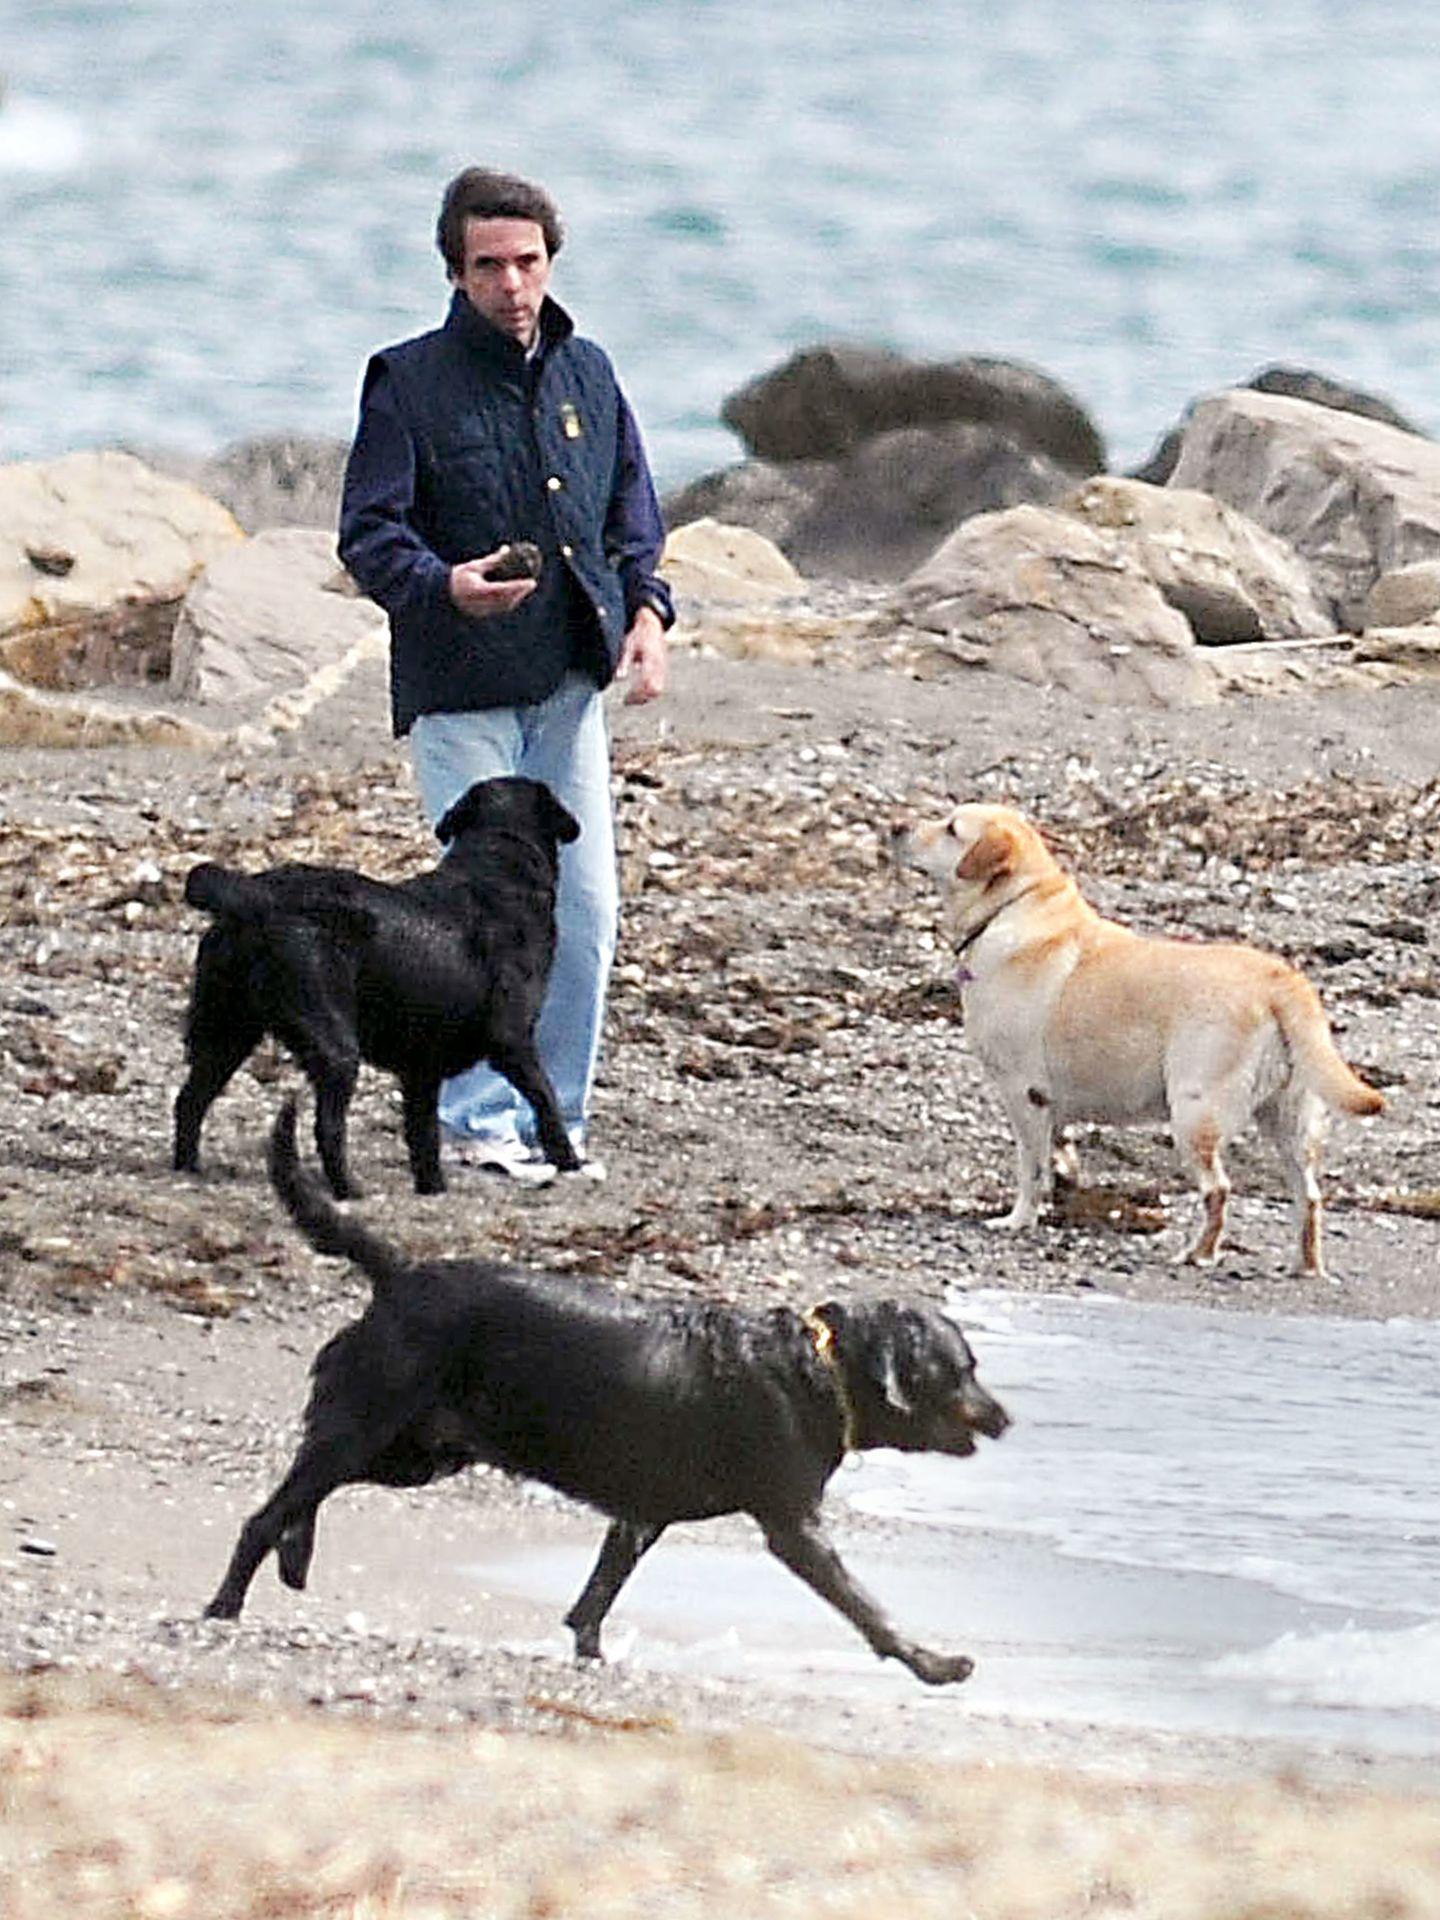 José María Aznar, jugando con sus perros por las playas de Guadalmina. (I.C.)